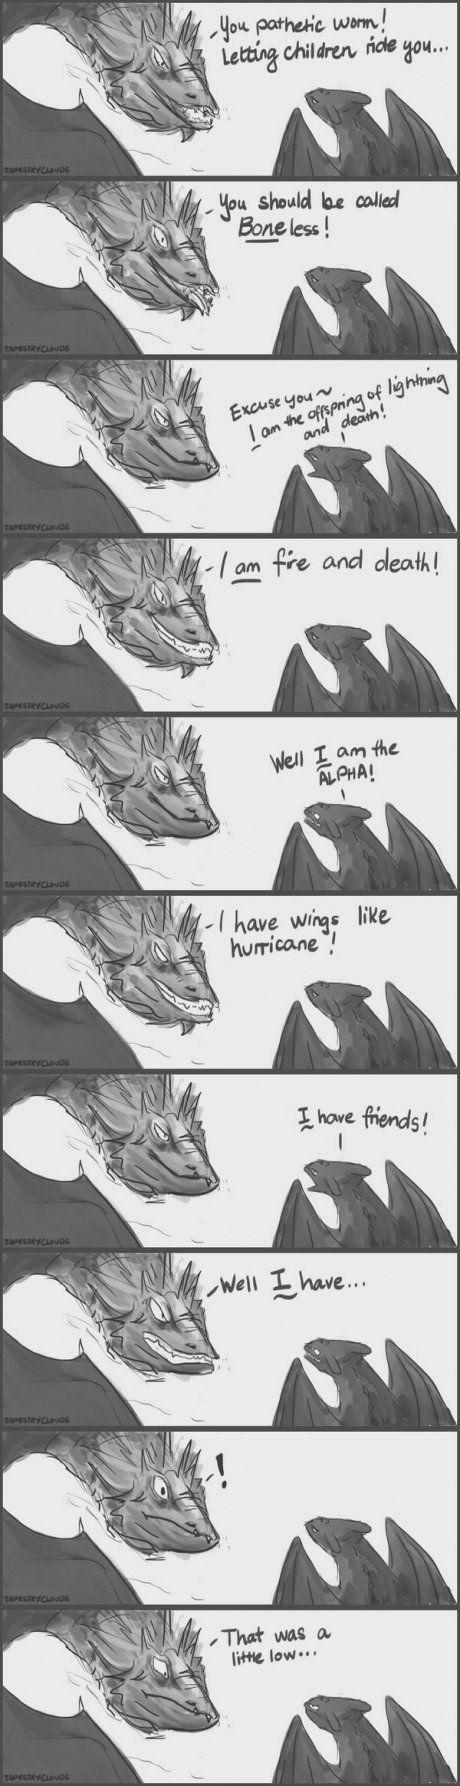 Smaug vs Toothless.